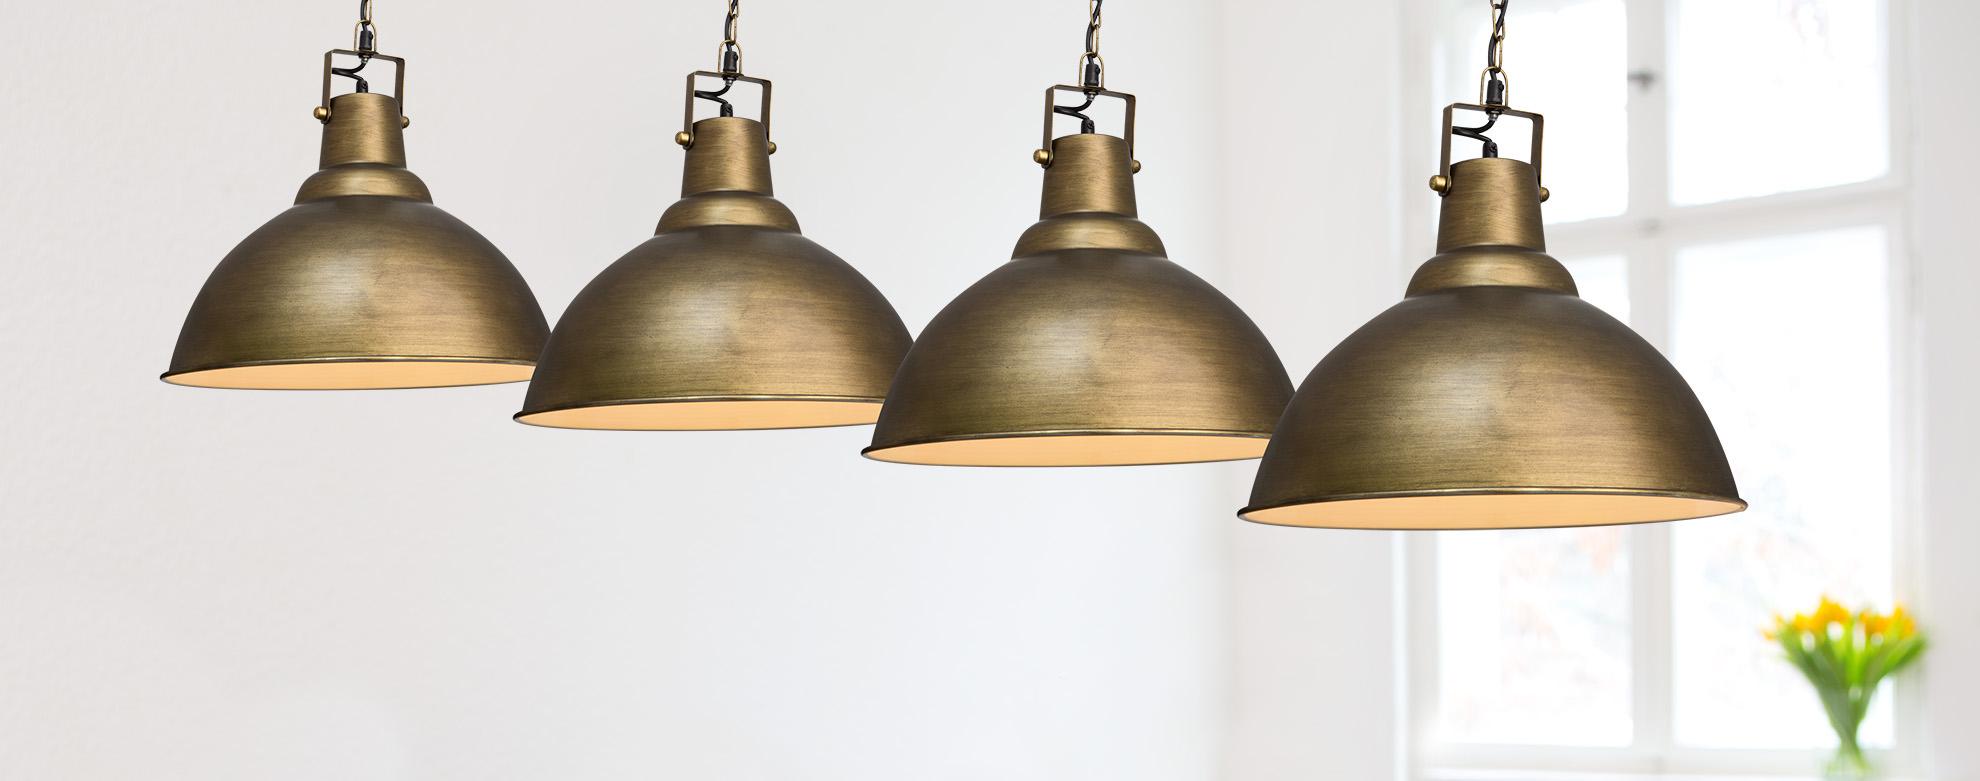 Deckenlampe, Hängelampe